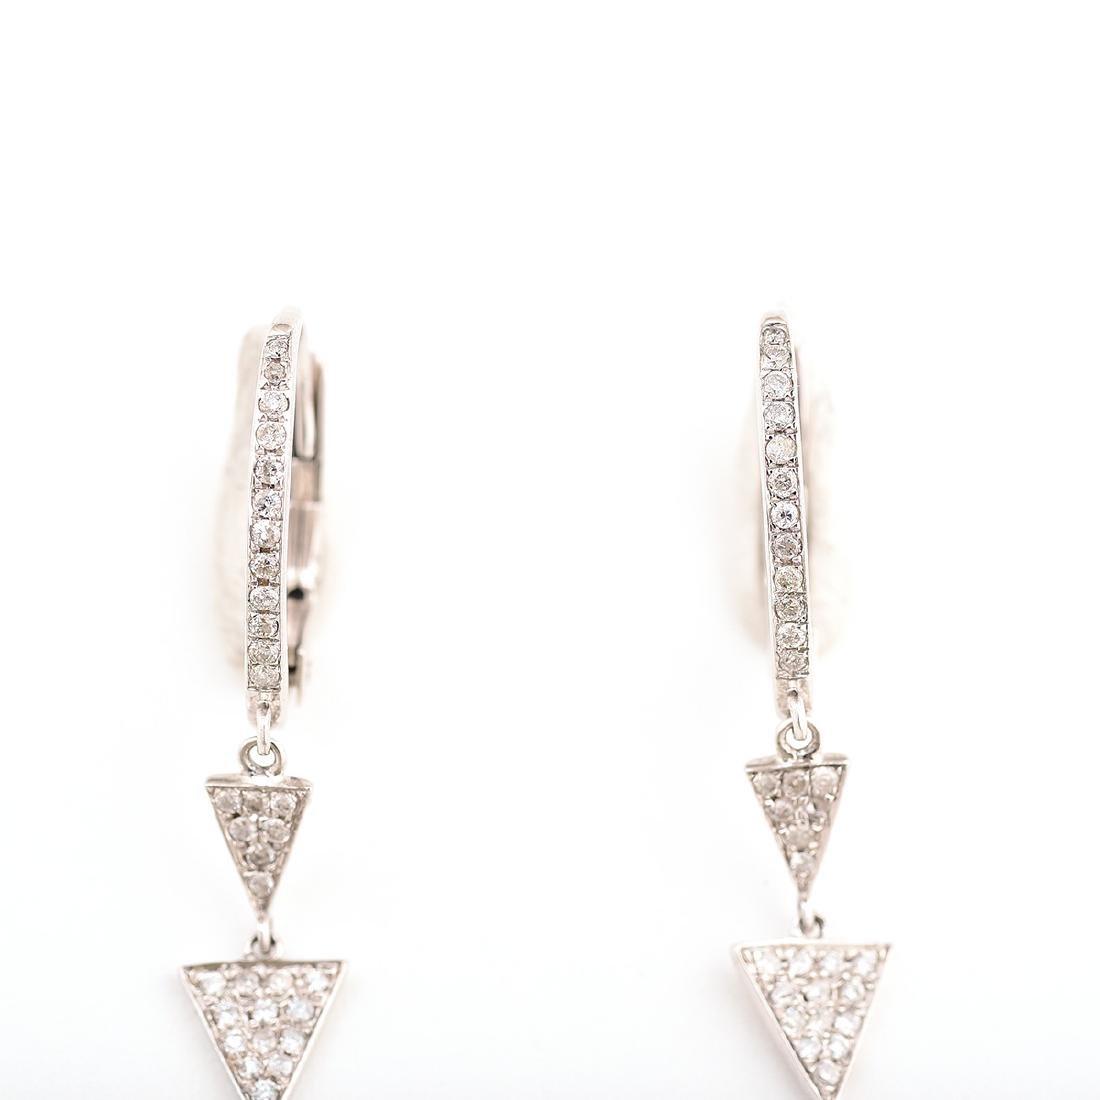 Pair of Diamond, 14k White Gold Earrings. - 3